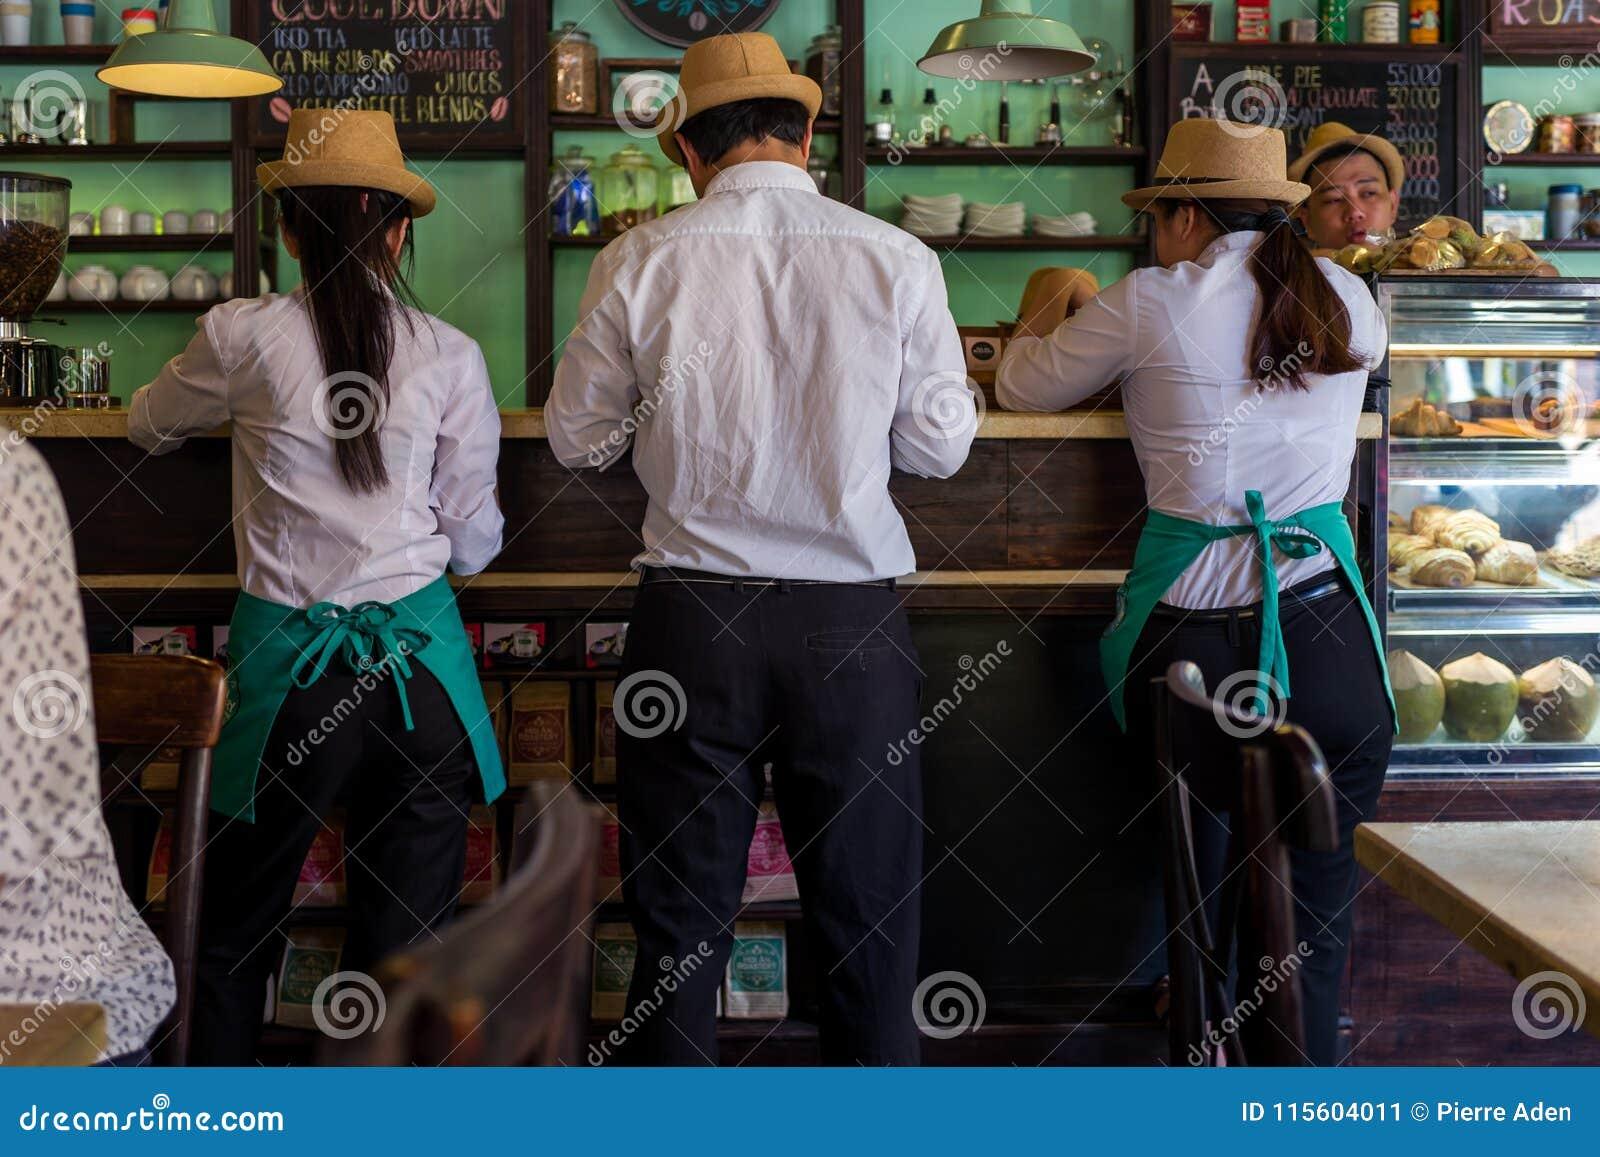 Hoi An, Vietnam - April 20, 2018: De kelner en de serveersters controleren een orde bij een bar in Hoi An